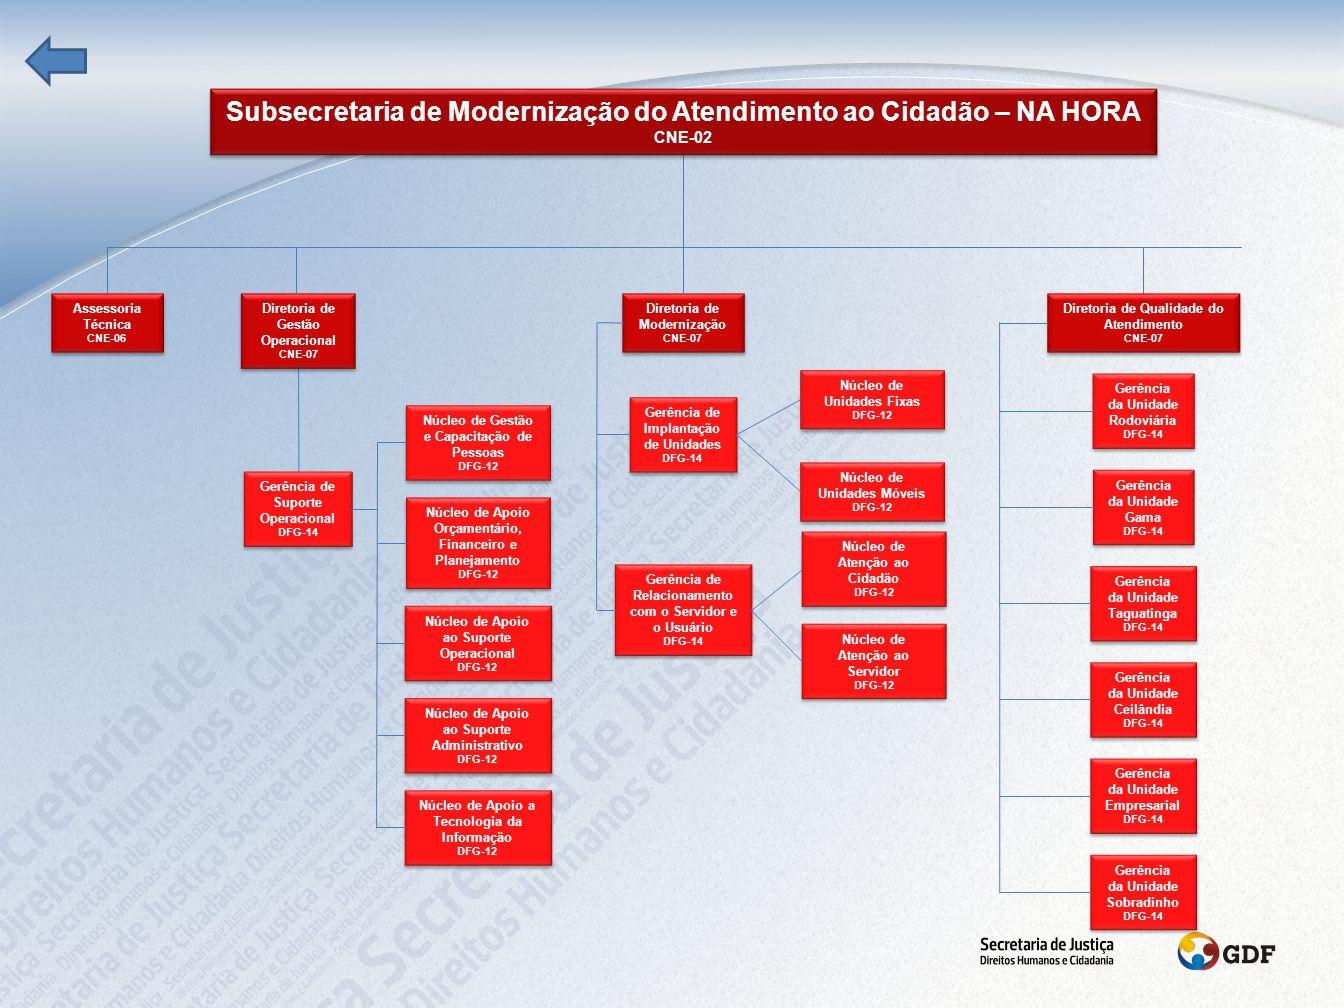 Subsecretaria de Promoção dos Direitos Humanos CNE-02 Subsecretaria de Promoção dos Direitos Humanos CNE-02 Coordenação de Planejamento CNE-06 Coordenação de Planejamento CNE-06 Coordenação dos Direitos Humanos CNE-06 Coordenação dos Direitos Humanos CNE-06 Coordenação de Inclusão Social CNE-06 Coordenação de Inclusão Social CNE-06 Coordenação Extraordinária de Atenção ao Cidadão CNE-06 Coordenação Extraordinária de Atenção ao Cidadão CNE-06 Coordenação de Diversidade Sexual CNE-06 Coordenação de Diversidade Sexual CNE-06 Coordenação de Relações Institucionais CNE-06 Coordenação de Relações Institucionais CNE-06 Coordenação de Políticas Sociais CNE-06 Coordenação de Políticas Sociais CNE-06 Coordenação de Articulação das Atividades das Juntas Militares CNE-06 Coordenação de Articulação das Atividades das Juntas Militares CNE-06 Gerência de Articulação com Entidades da Sociedade Civil DFG-14 Gerência de Articulação com Entidades da Sociedade Civil DFG-14 Gerência de Atendimento DFG-14 Gerência de Atendimento DFG-14 Gerência de Políticas de Gênero DFG-14 Gerência de Políticas de Gênero DFG-14 Gerência de Supervisão às Atividades Sociais DFG-14 Gerência de Supervisão às Atividades Sociais DFG-14 Gerência de Enfrentamento ao Tráfico de Pessoas DFG-14 Gerência de Enfrentamento ao Tráfico de Pessoas DFG-14